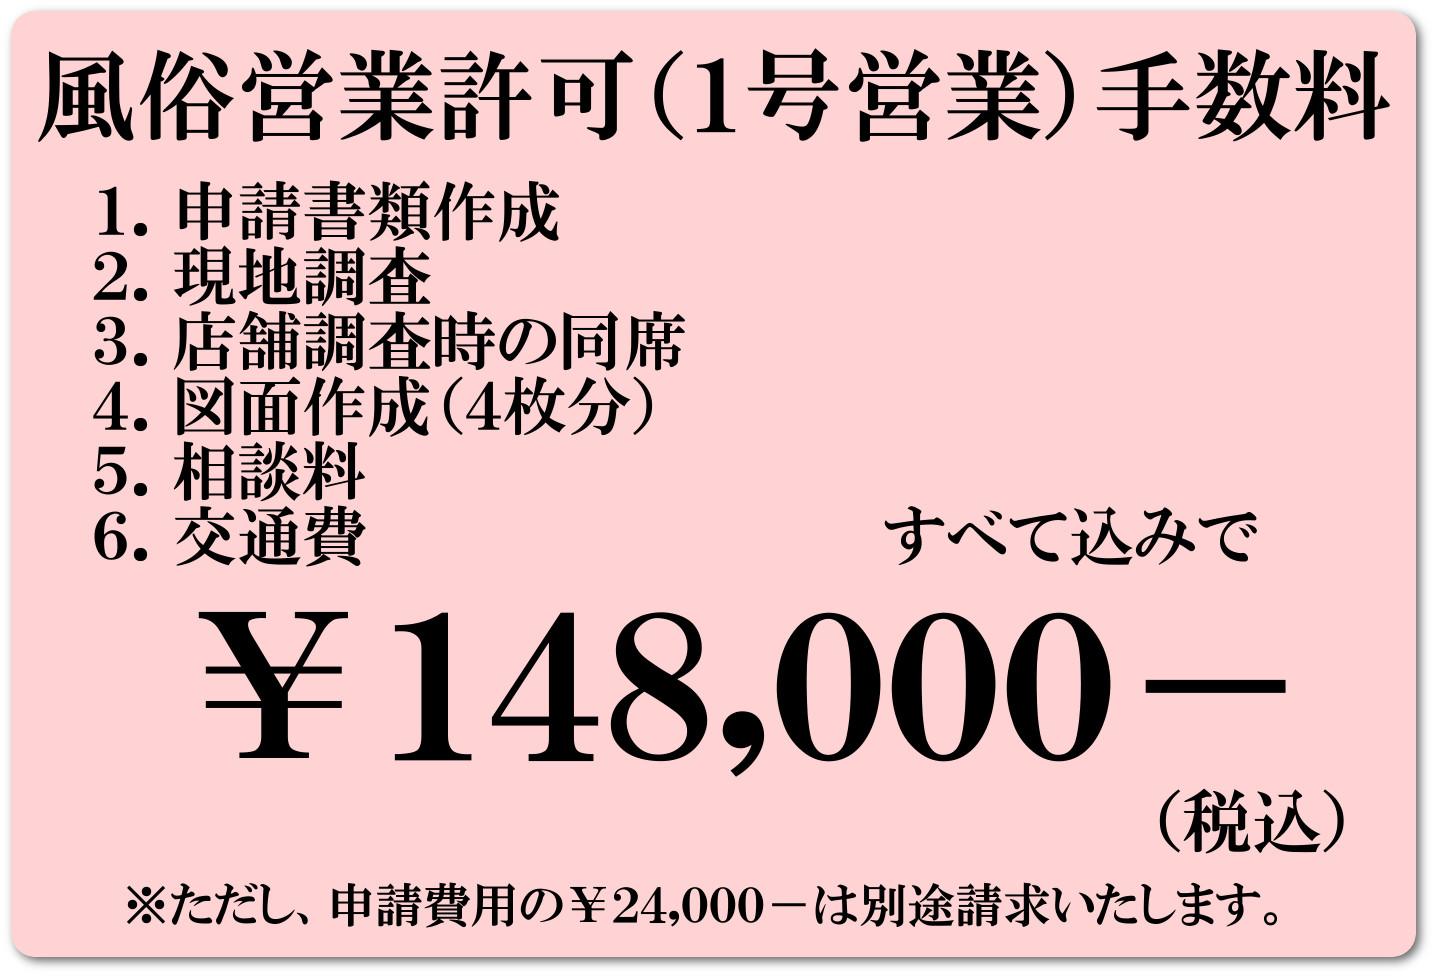 風俗営業1号営業許可取得コミコミ¥148,000